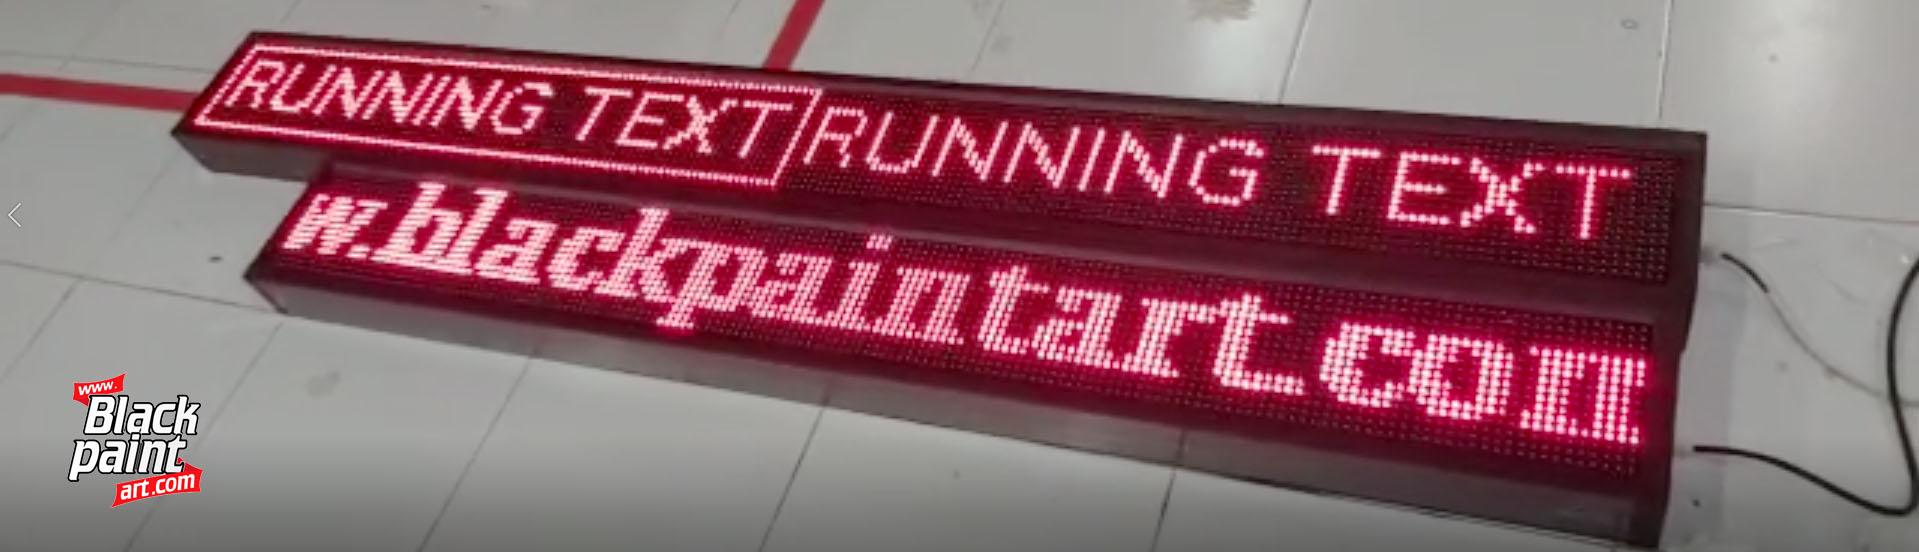 Halo! Anda sedang mencari dimana Tempat Buat Running Text di Pekanbaru? Anda tidak perlu susah susah mencarinya, karena kami di Blackpaint Print Shop bisa melakukannya.